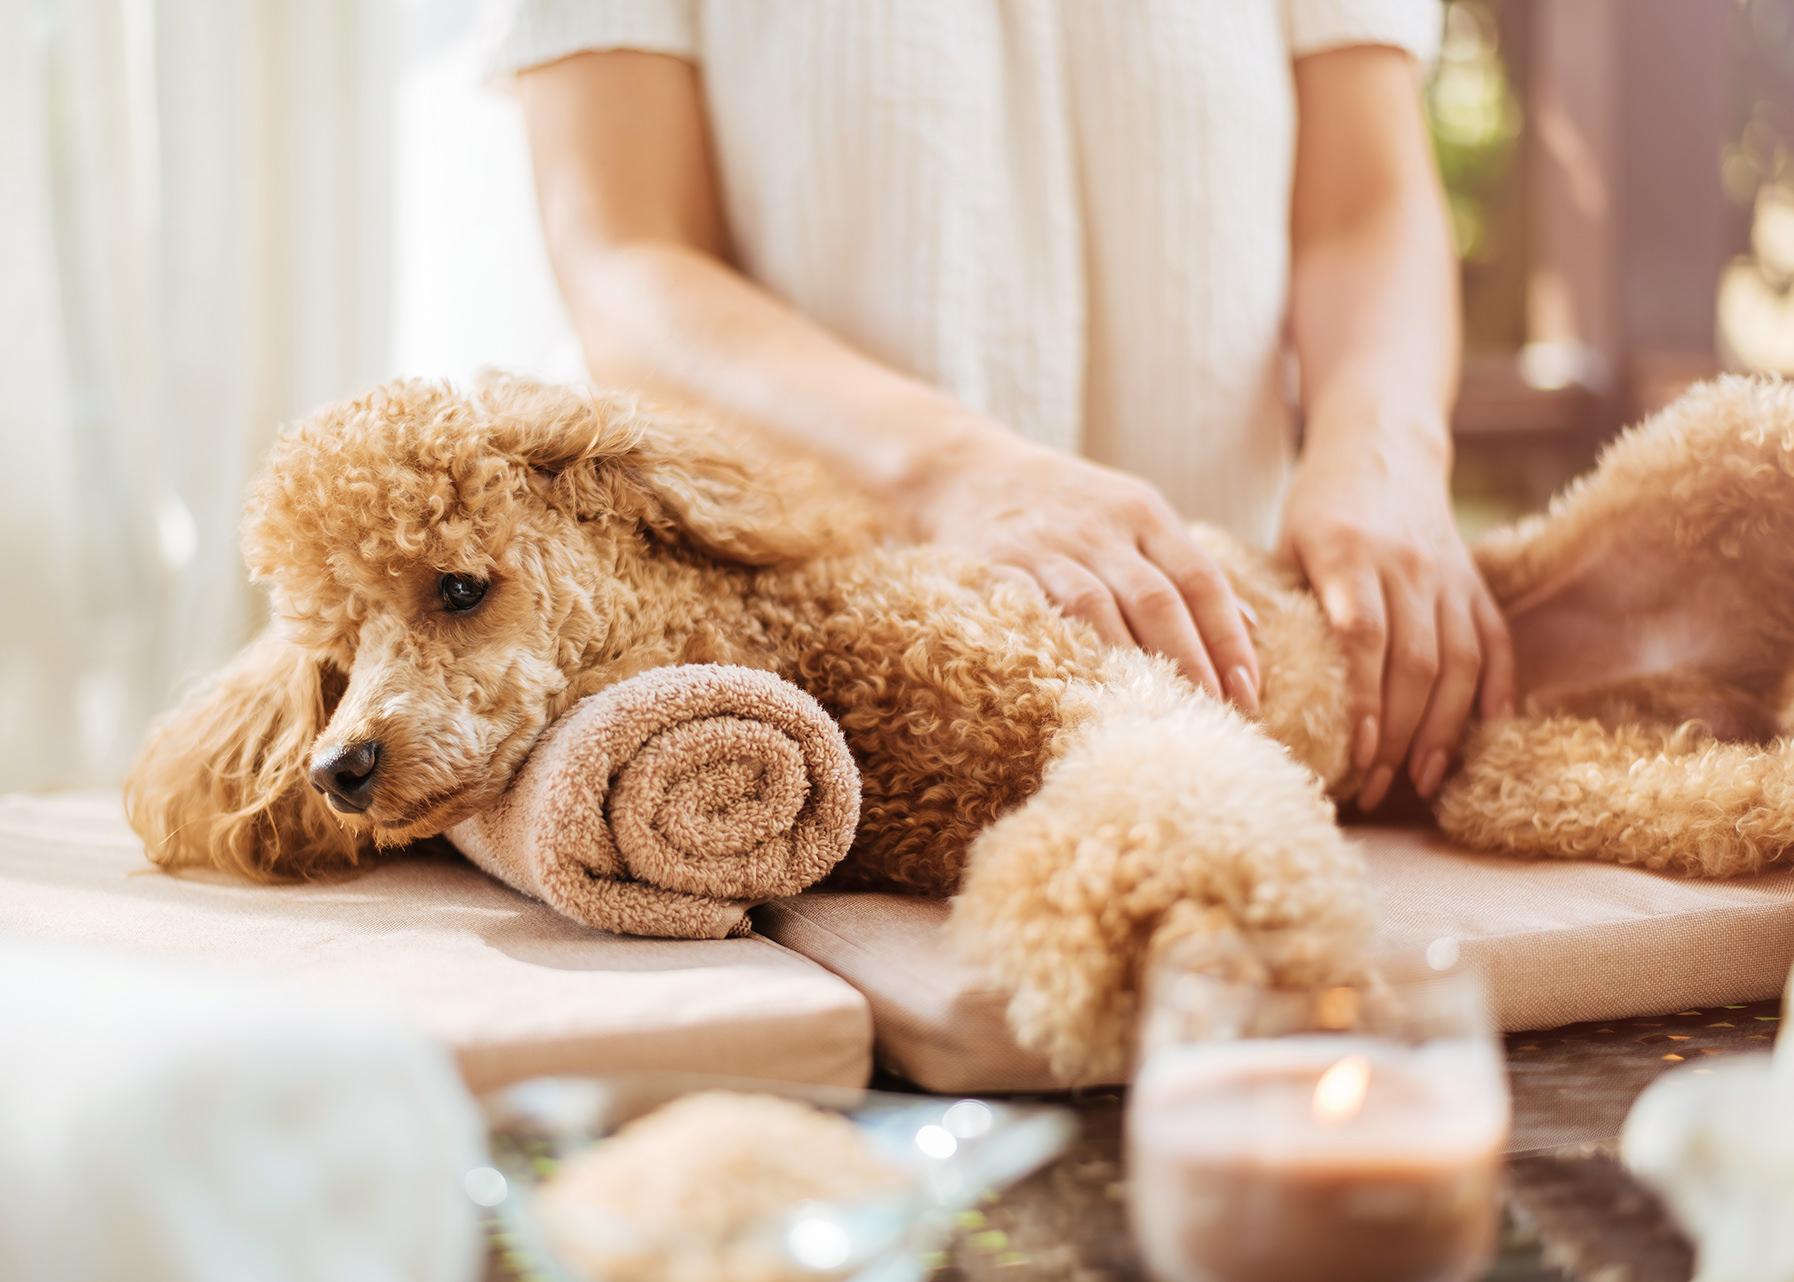 Doggy Facial Massage - à la carte